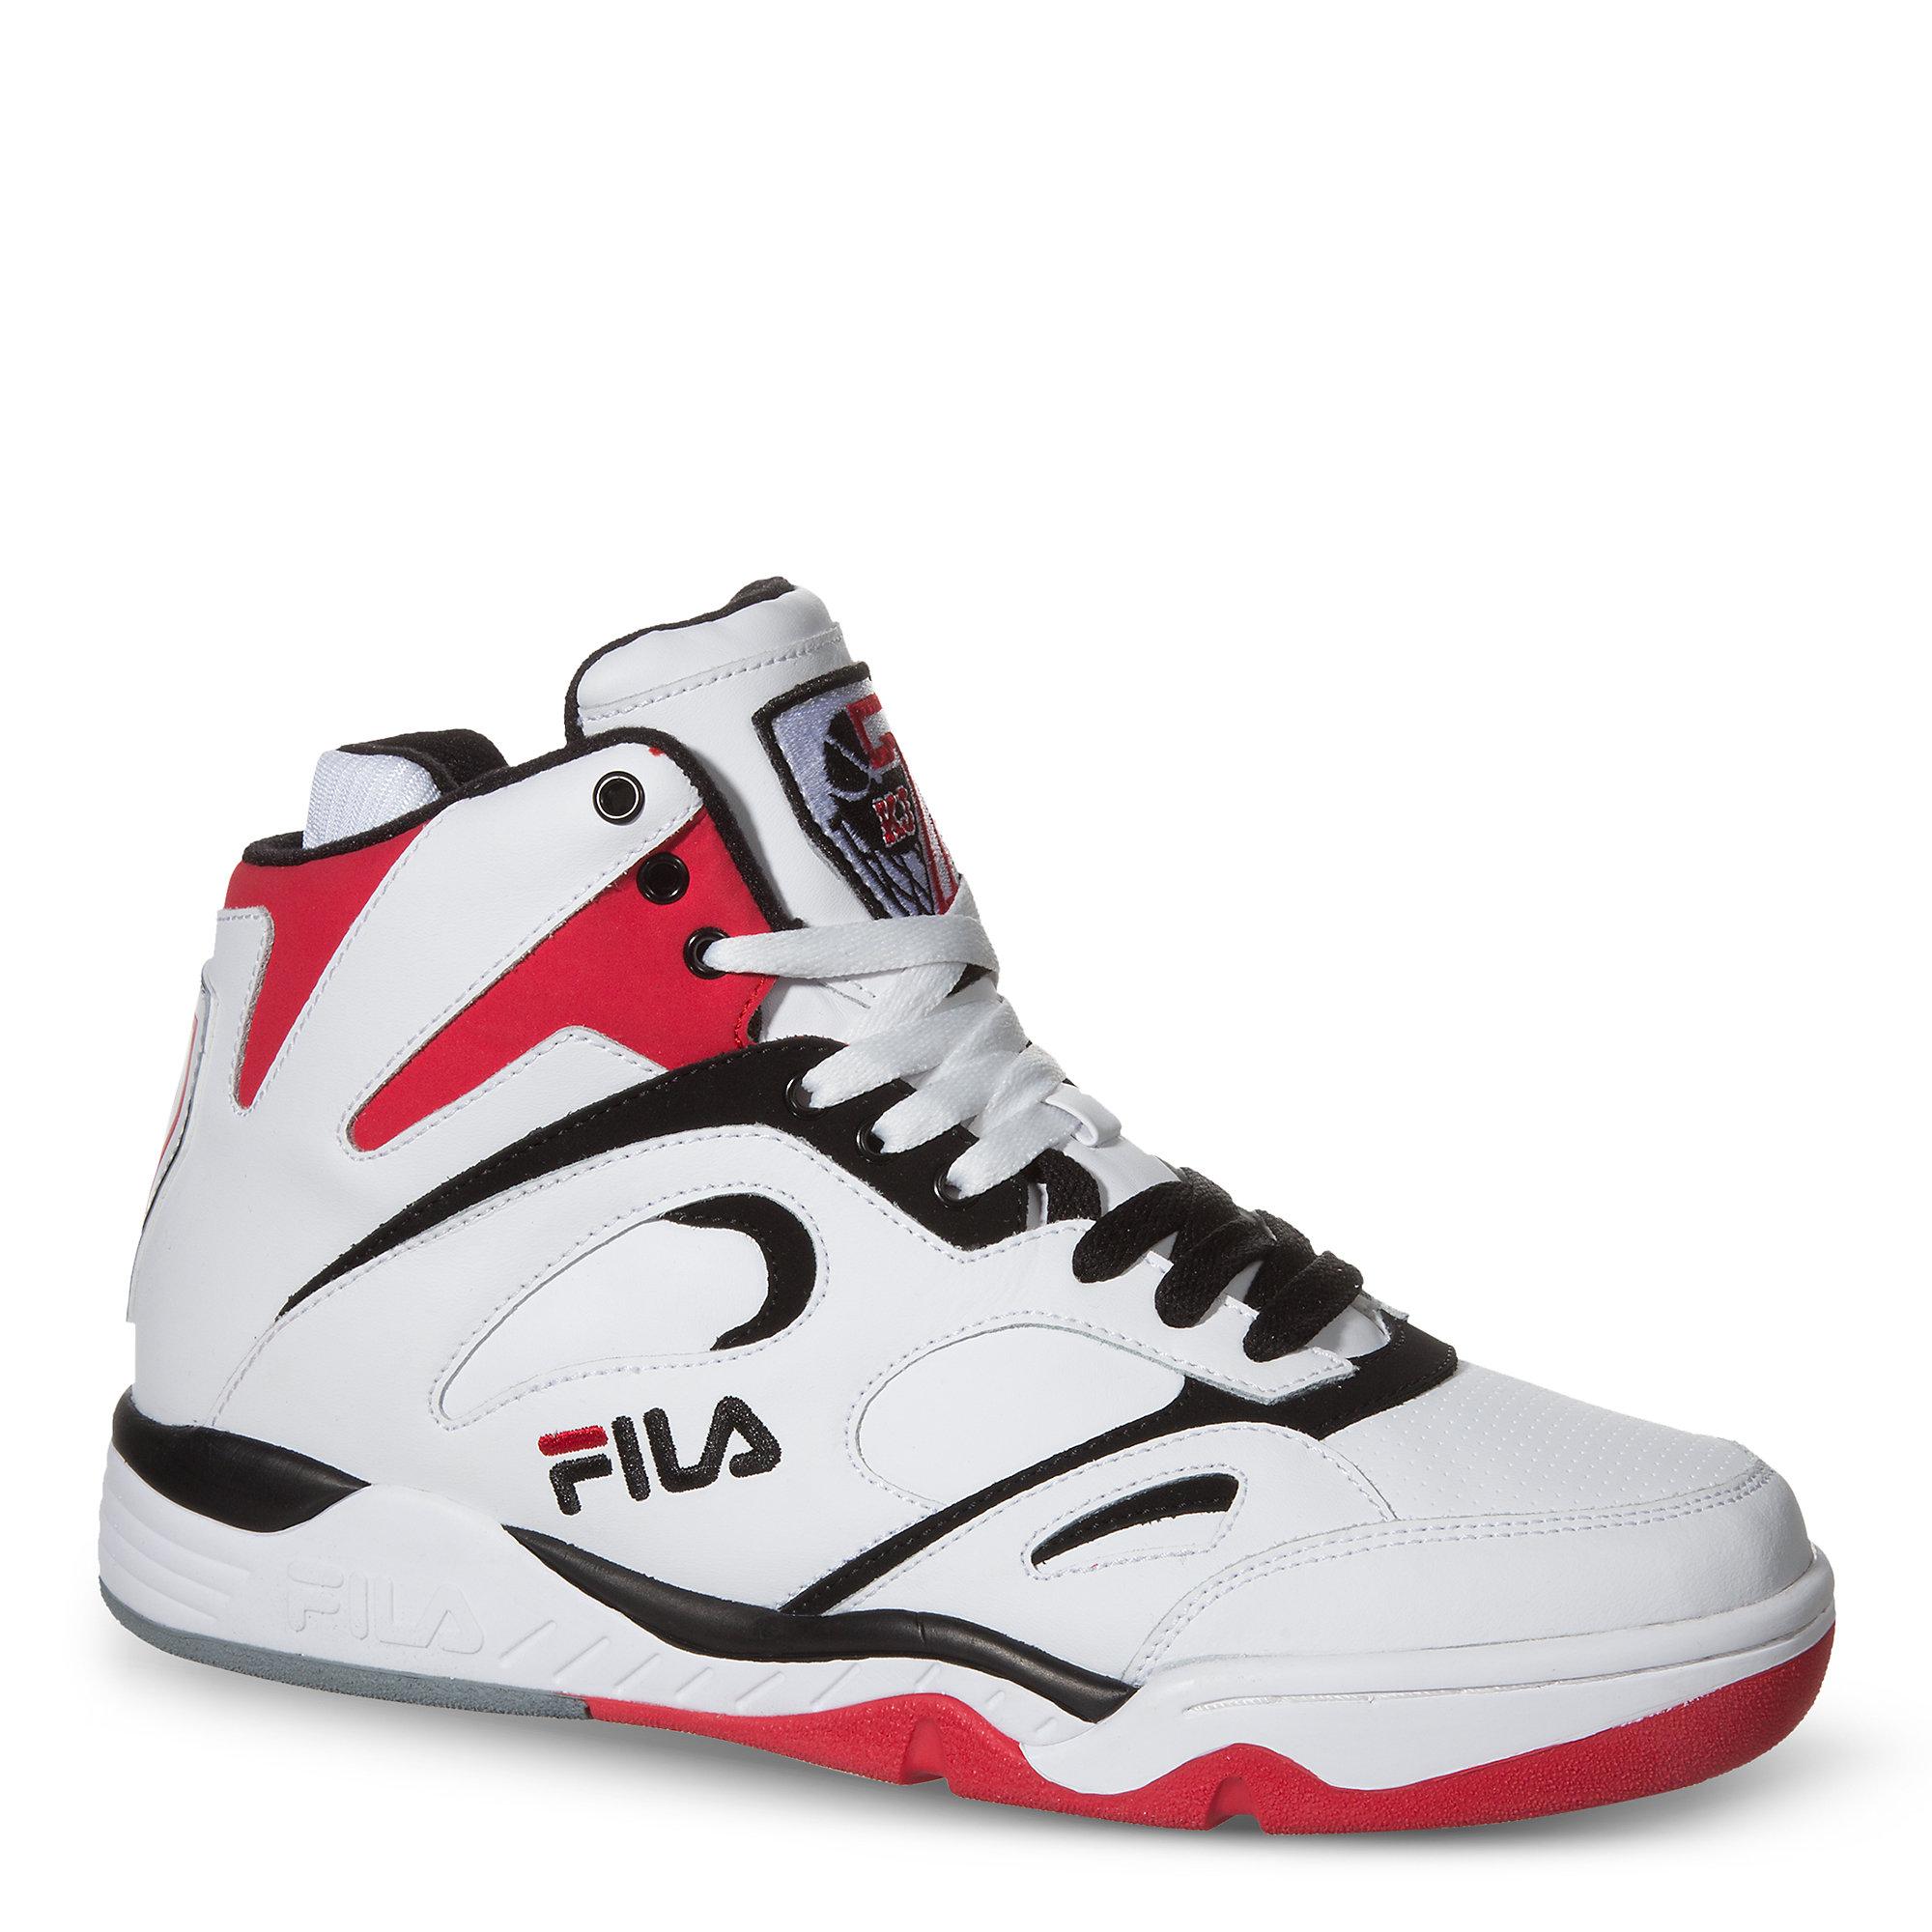 release-reminder-fila-kj7-white-black-fila-red-1